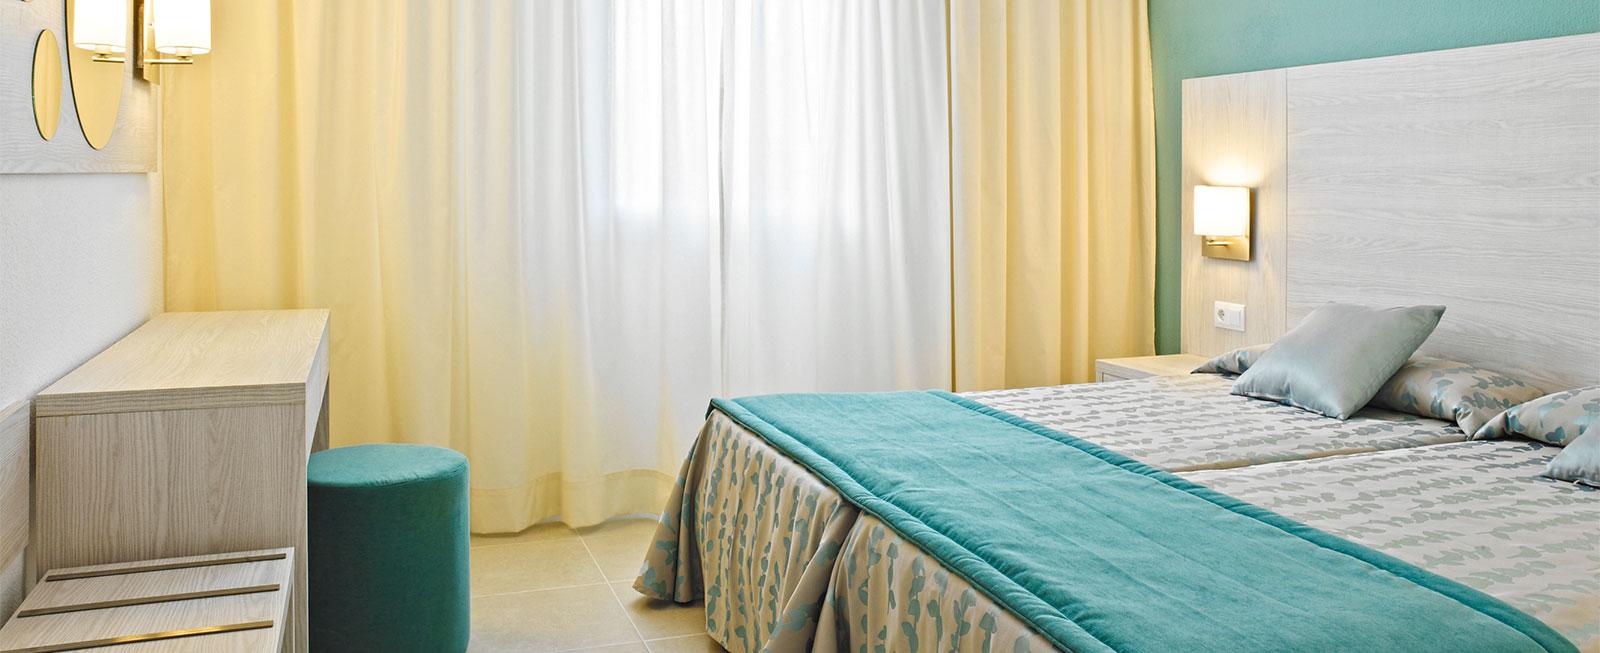 apartamento-sin-vistas-dormitorio-protur-safari-park-aparhotel